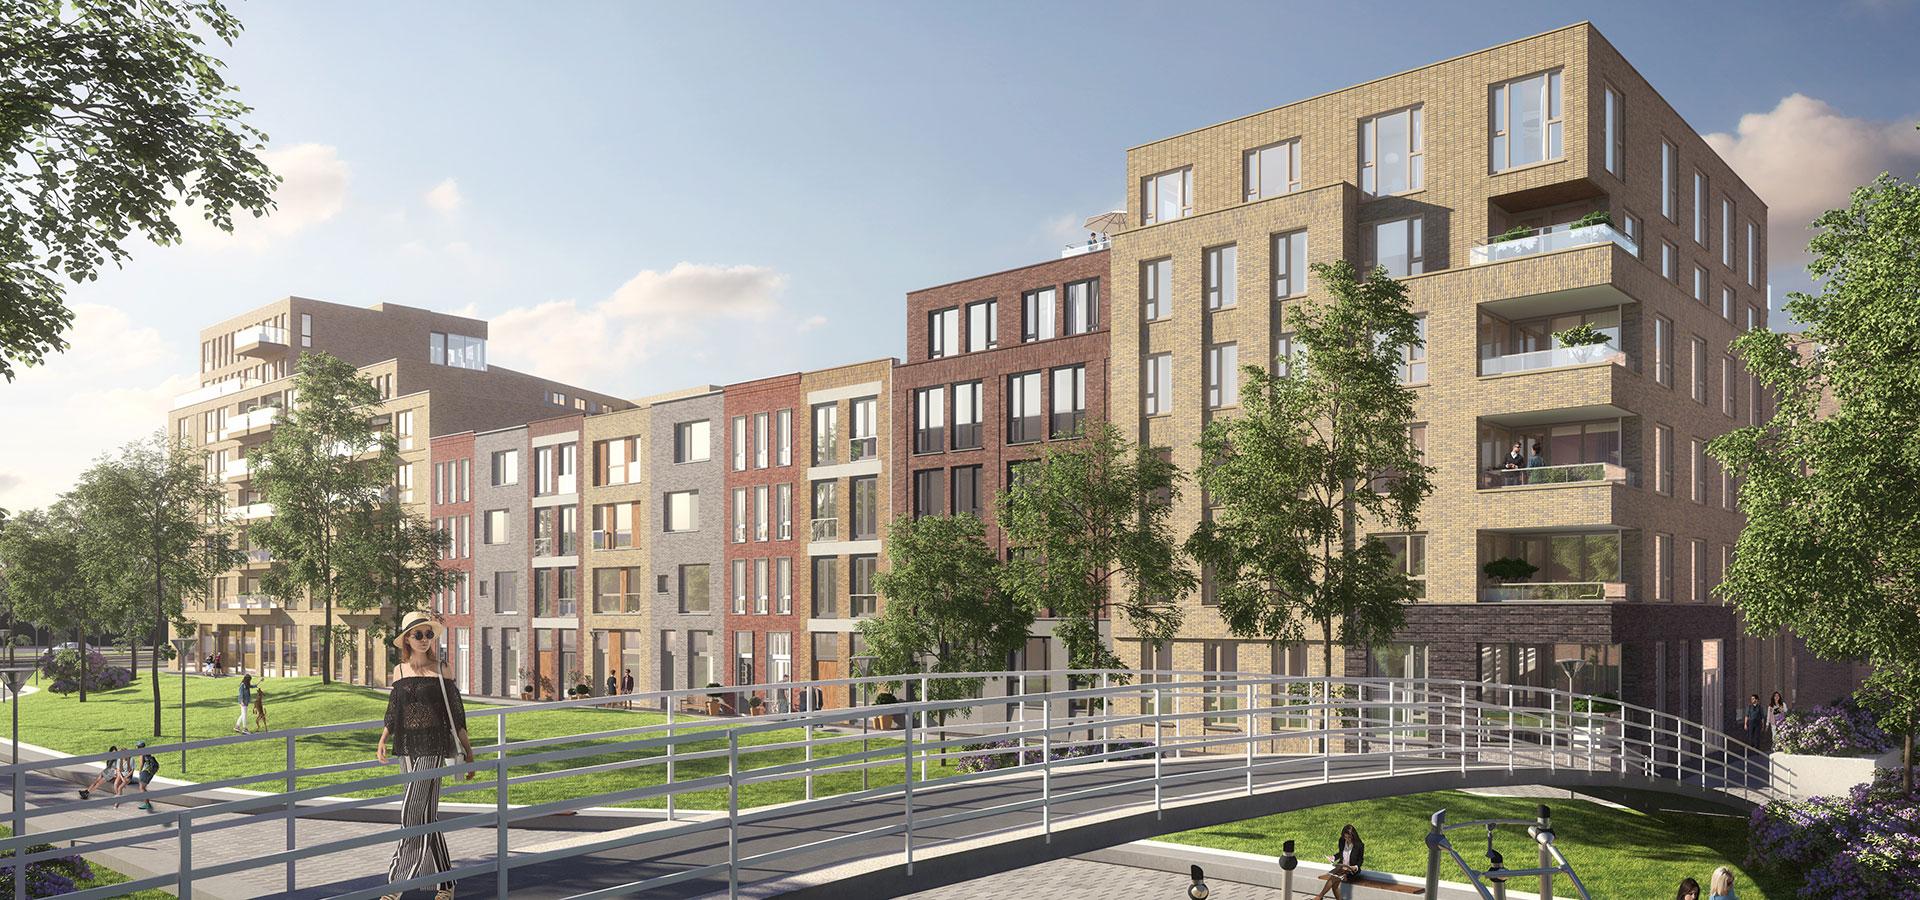 FARO architectenvan Leeuwenhoekkwartier Delft09